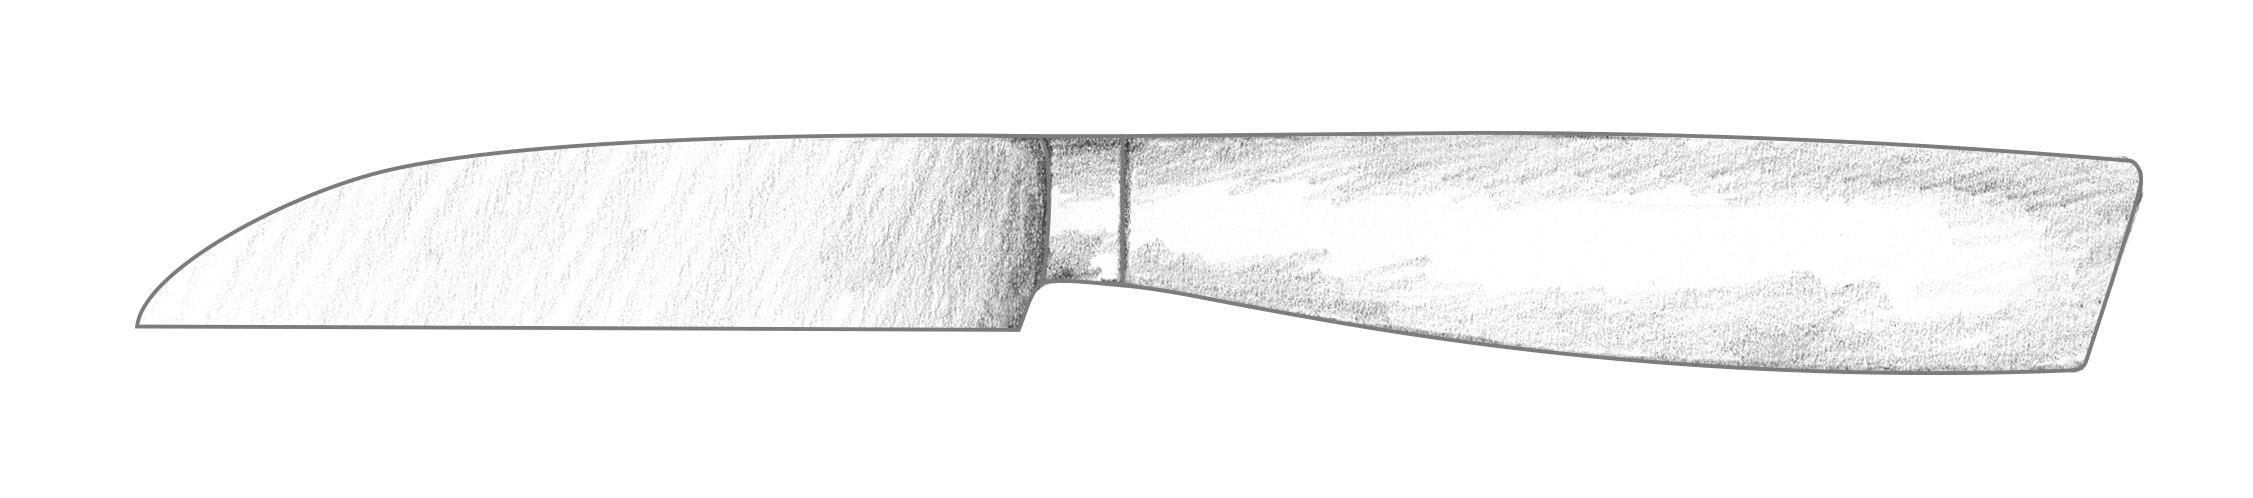 klingenform_gemuesemesser